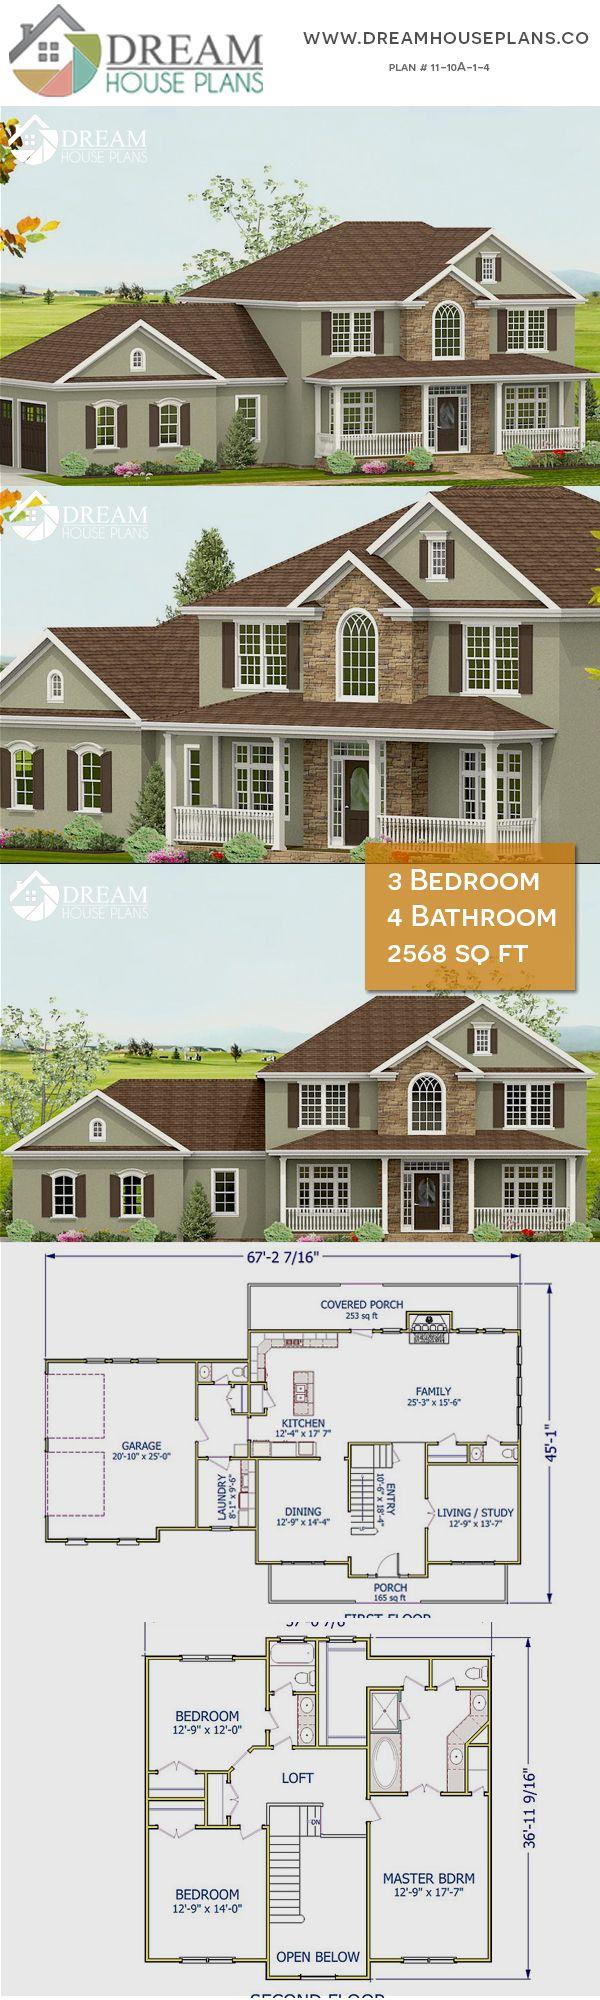 3 Bedroom 4 Bathroom 2568 Sq Ft 11 10a 1 4